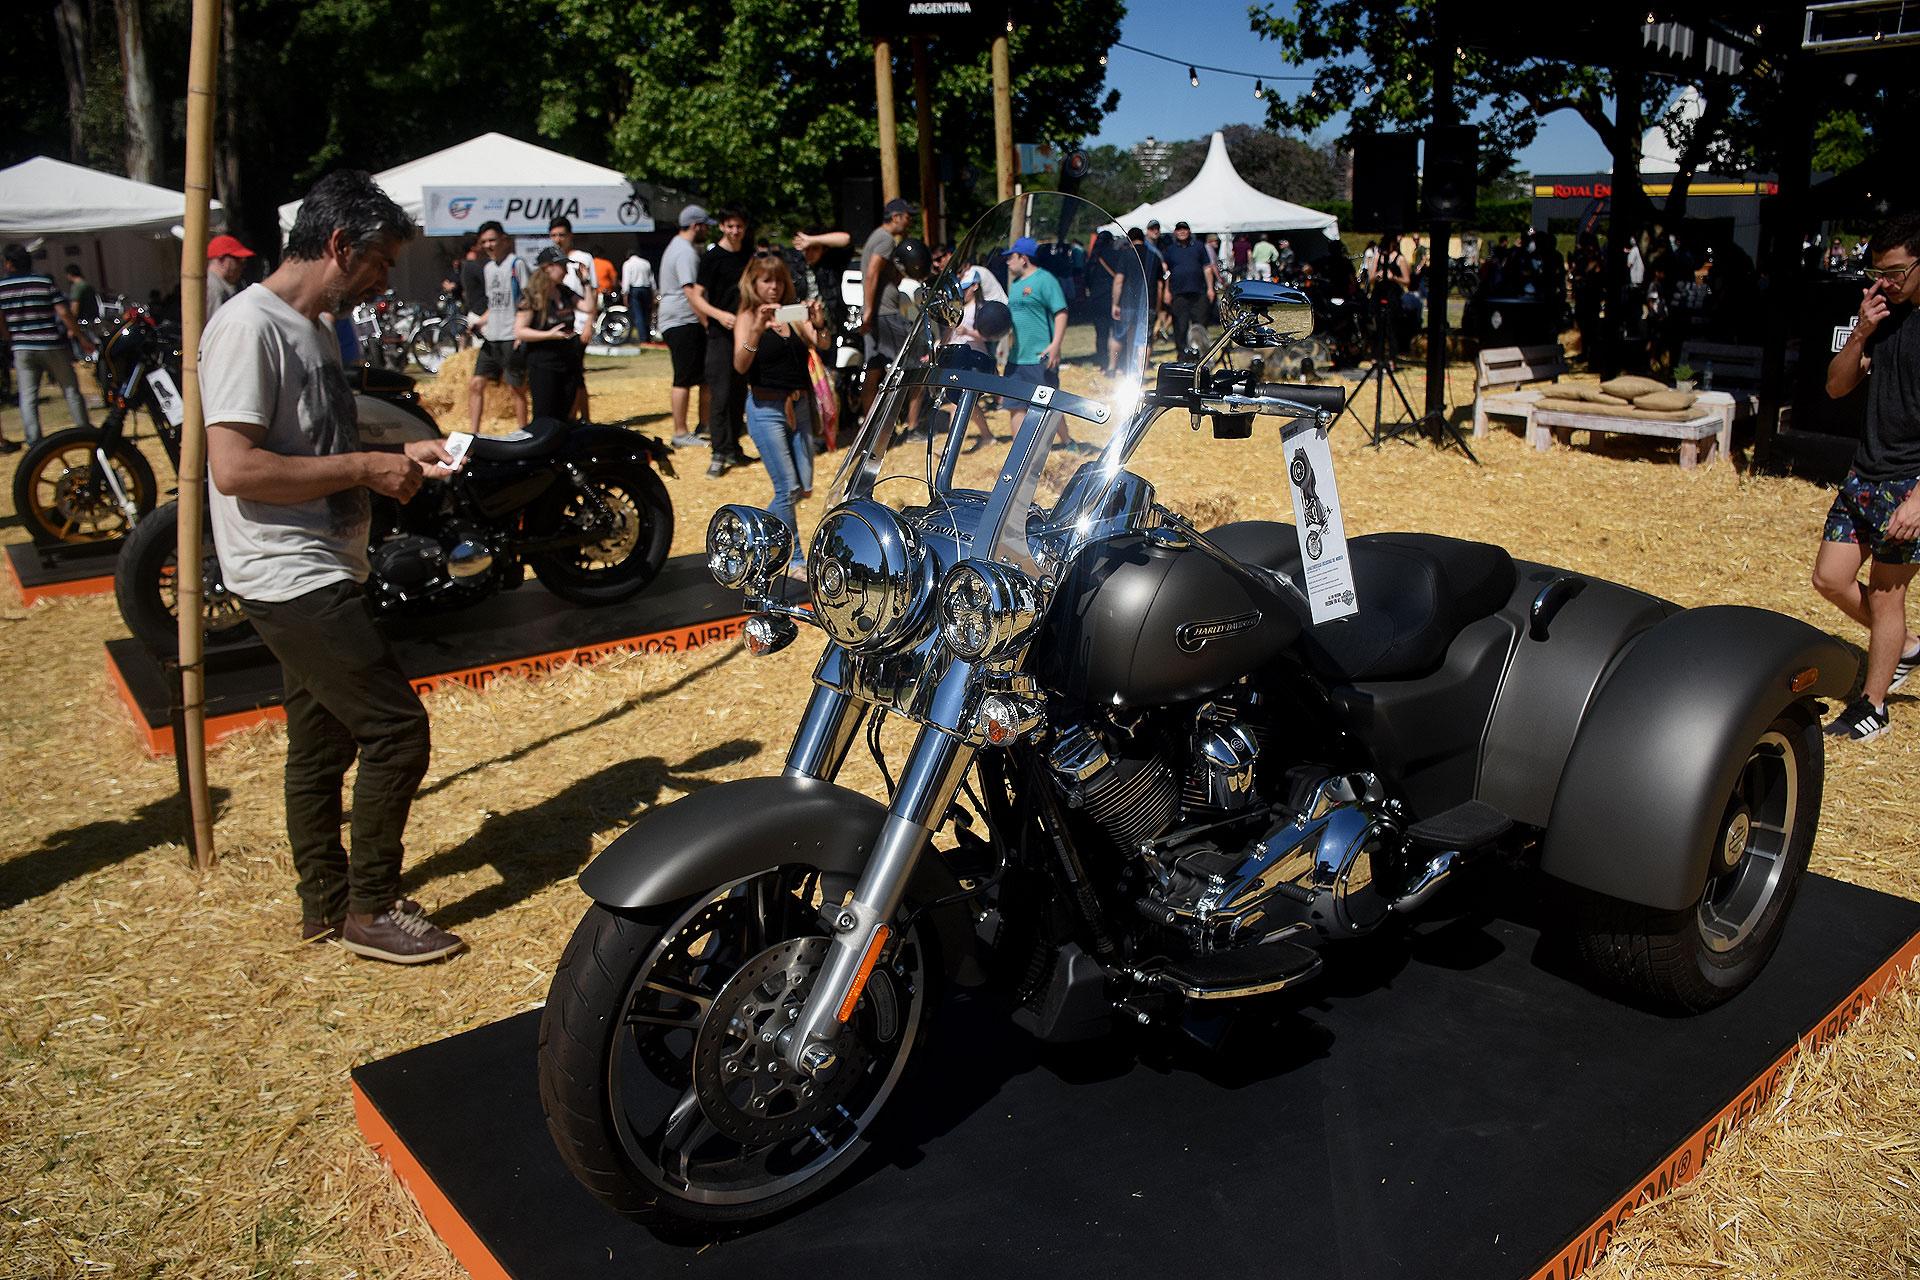 """En el """"Barrio de las Motos"""" se presentaron 400 ejemplares de calle y competición, de producción nacional e internacional. Aprovecharon para celebrar los 115 años de la mítica marca de culto estadounidense Harley-Davidson"""